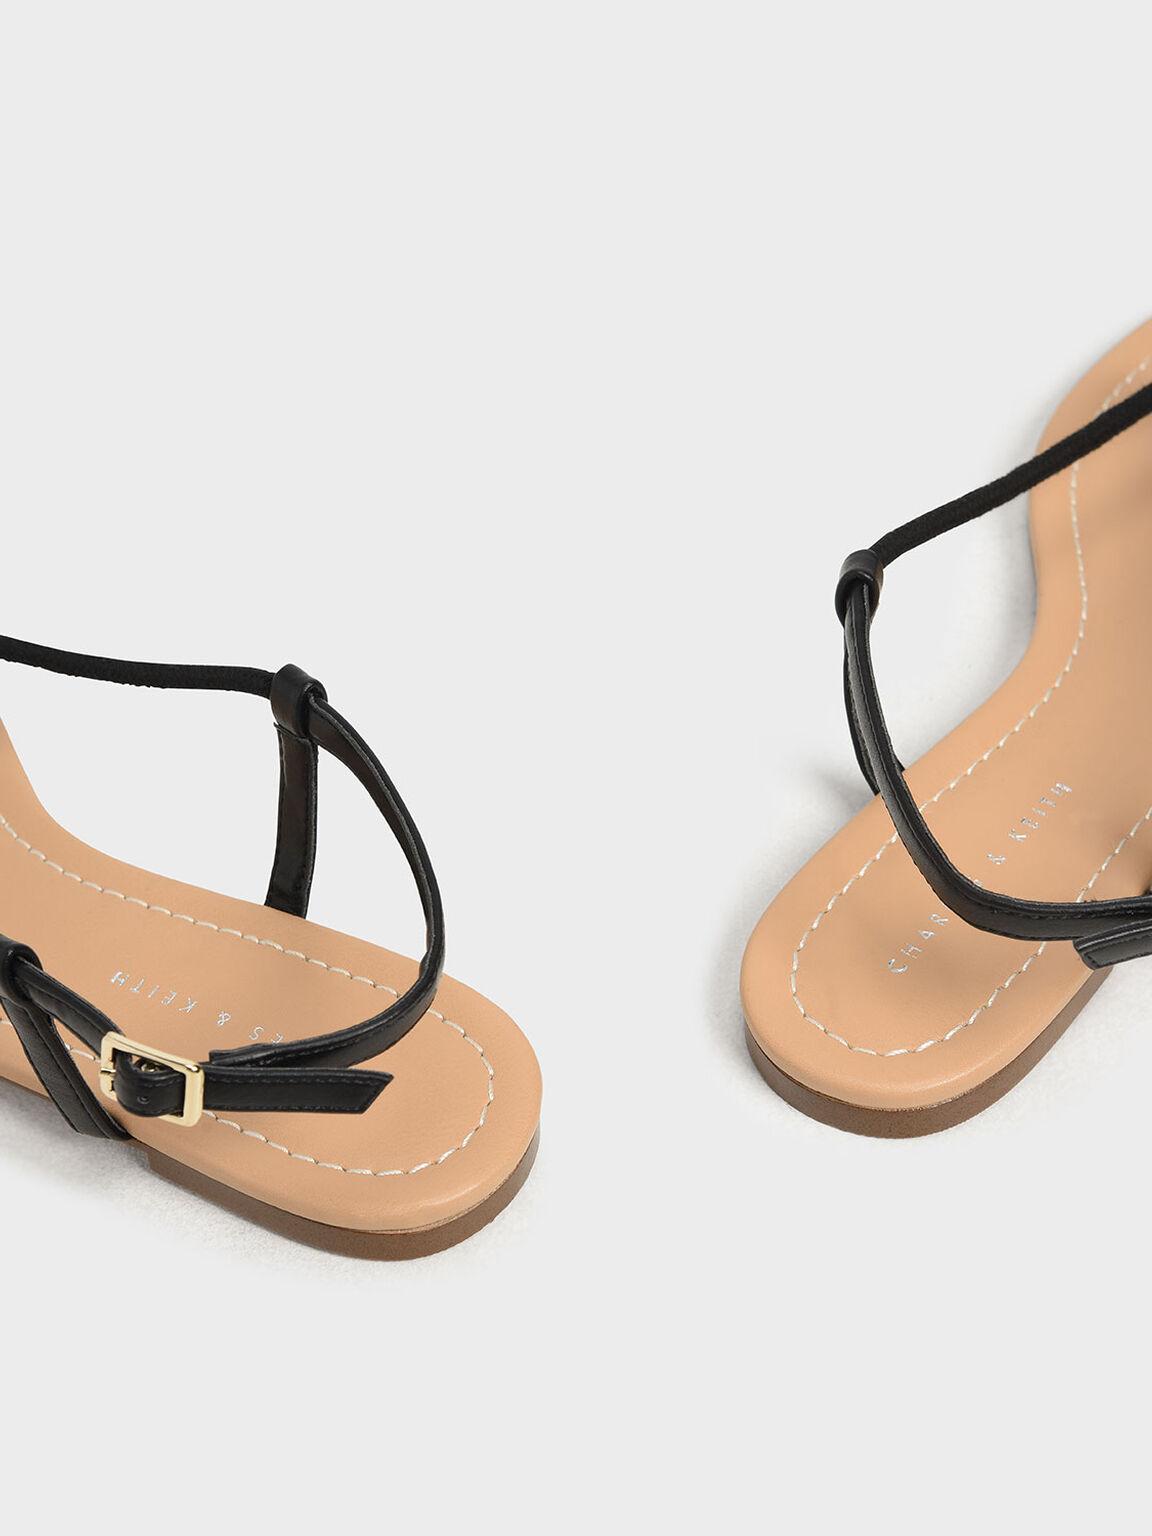 Classic Thong Sandals, Black, hi-res